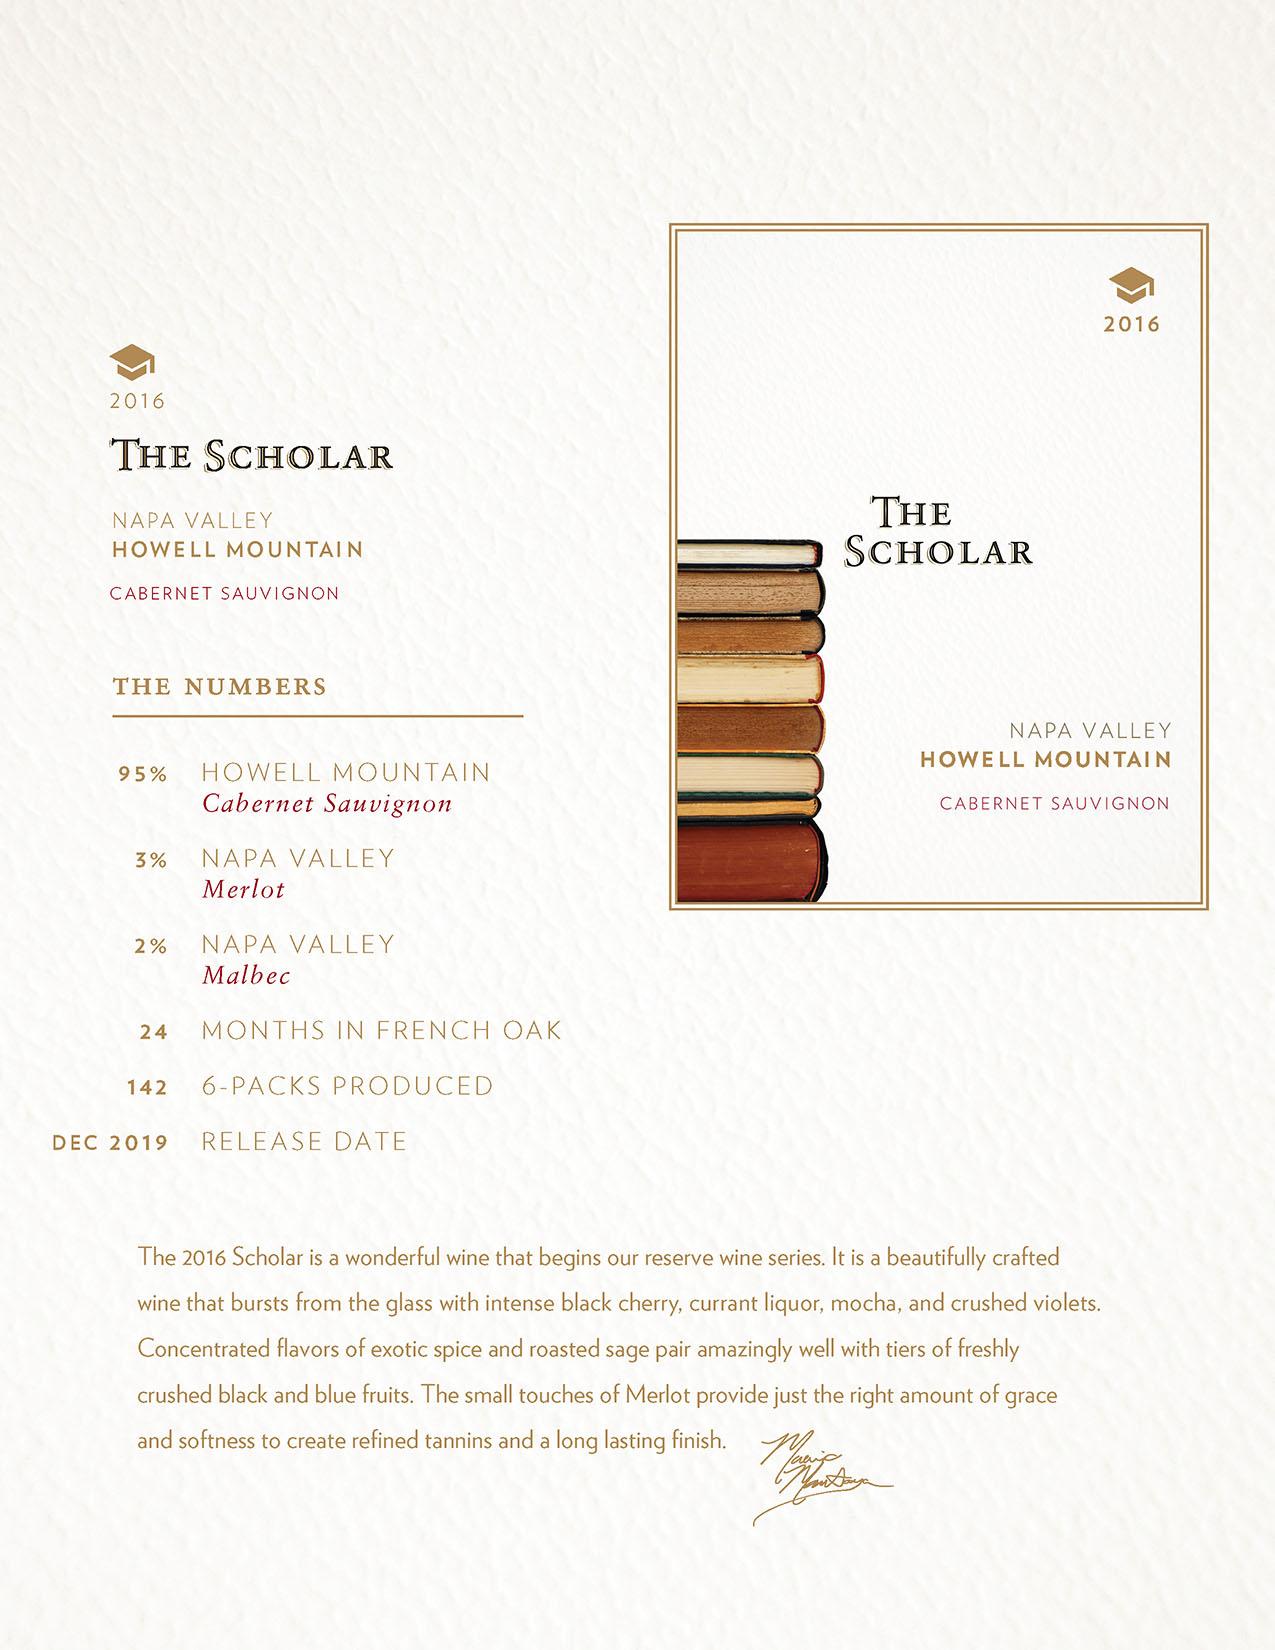 2016 Scholar Cabernet Sauvignon TechSheet